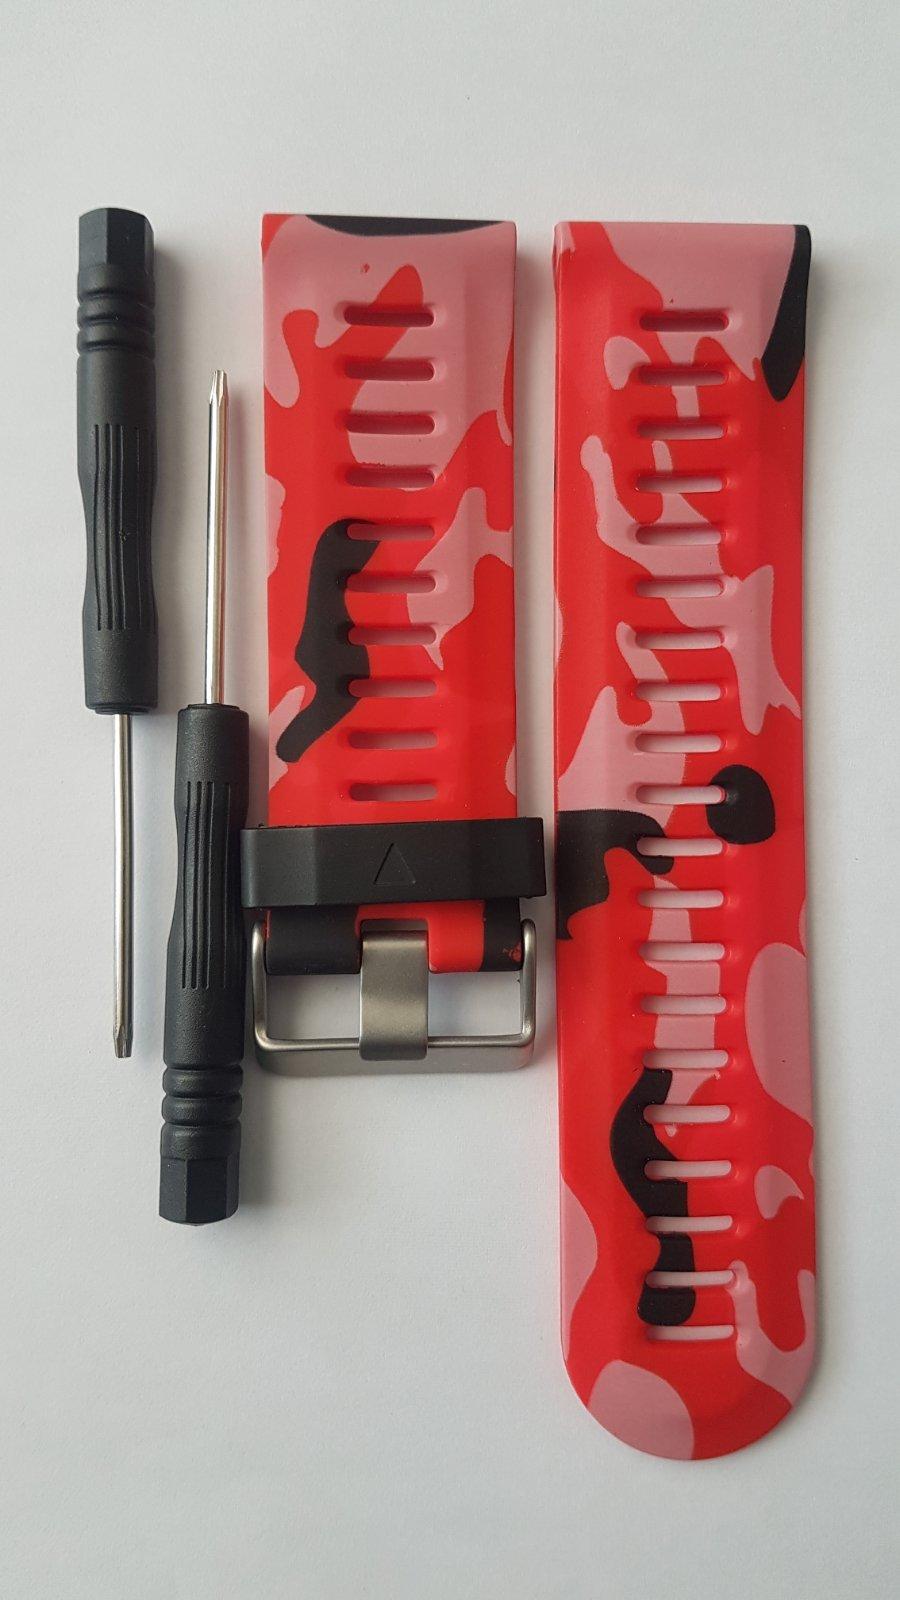 Силиконови камуфлажни каишки 26mm за Garmin Fenix 1/2/3/3 HR 5X каишка